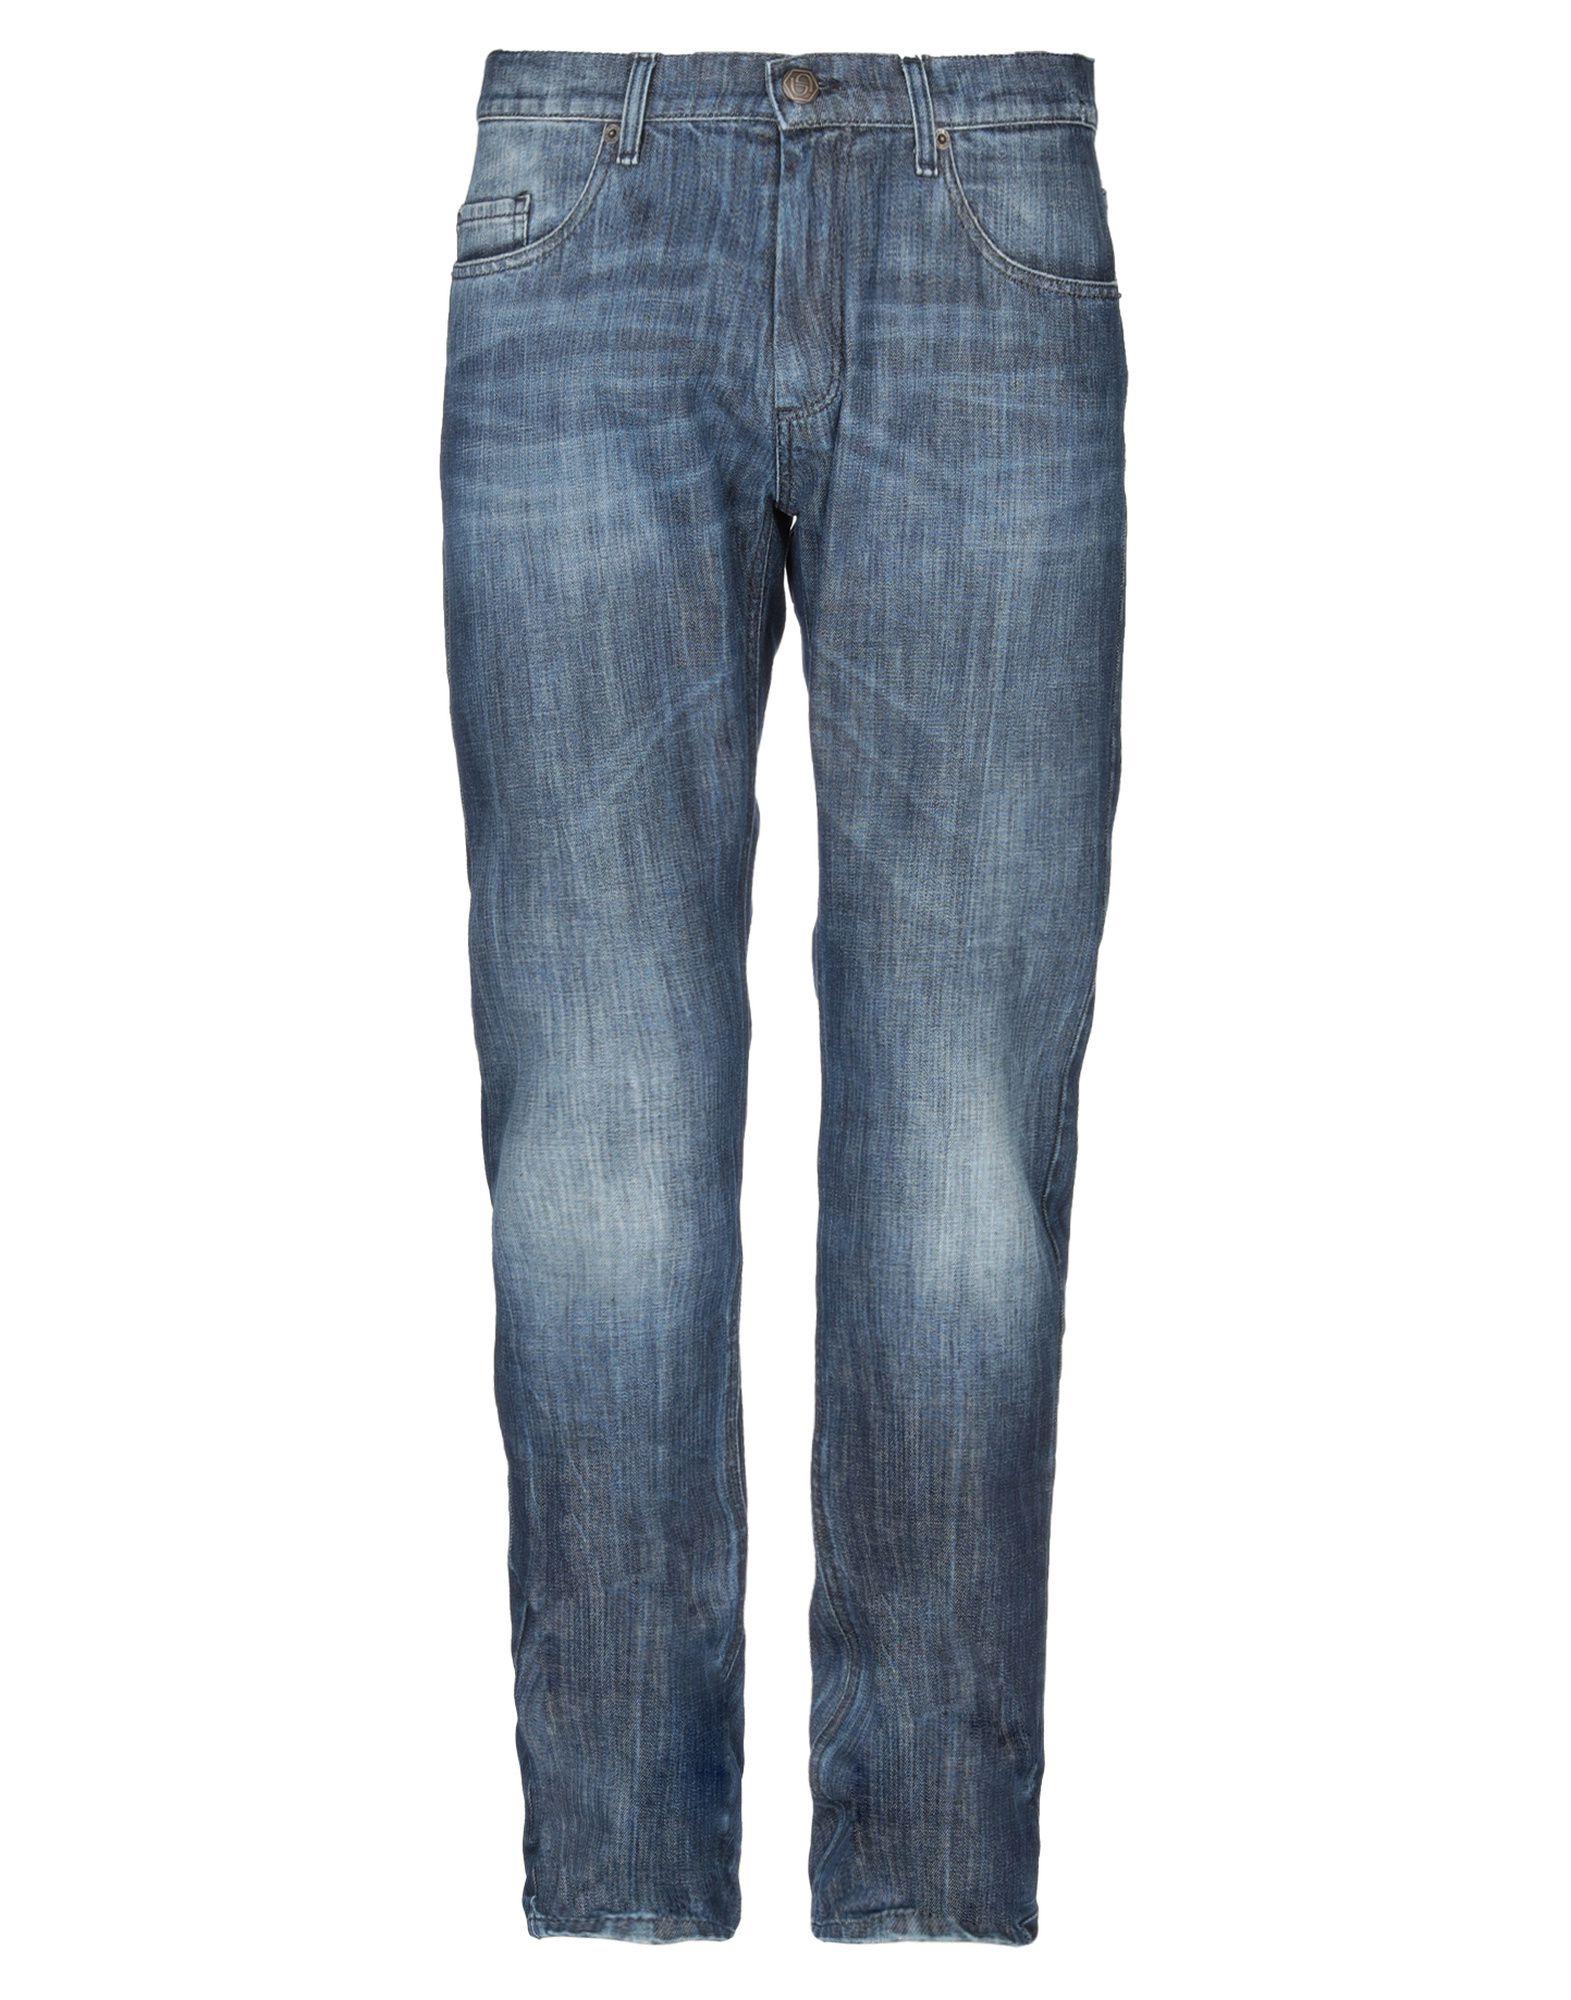 《送料無料》BYBLOS メンズ ジーンズ ブルー 33 コットン 100%